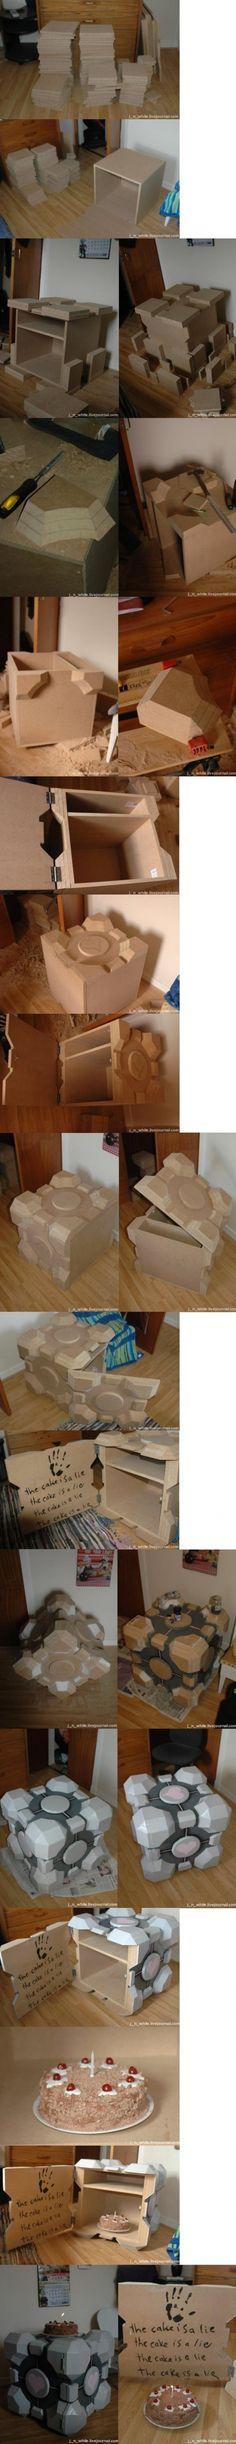 Companion cube box tutorial